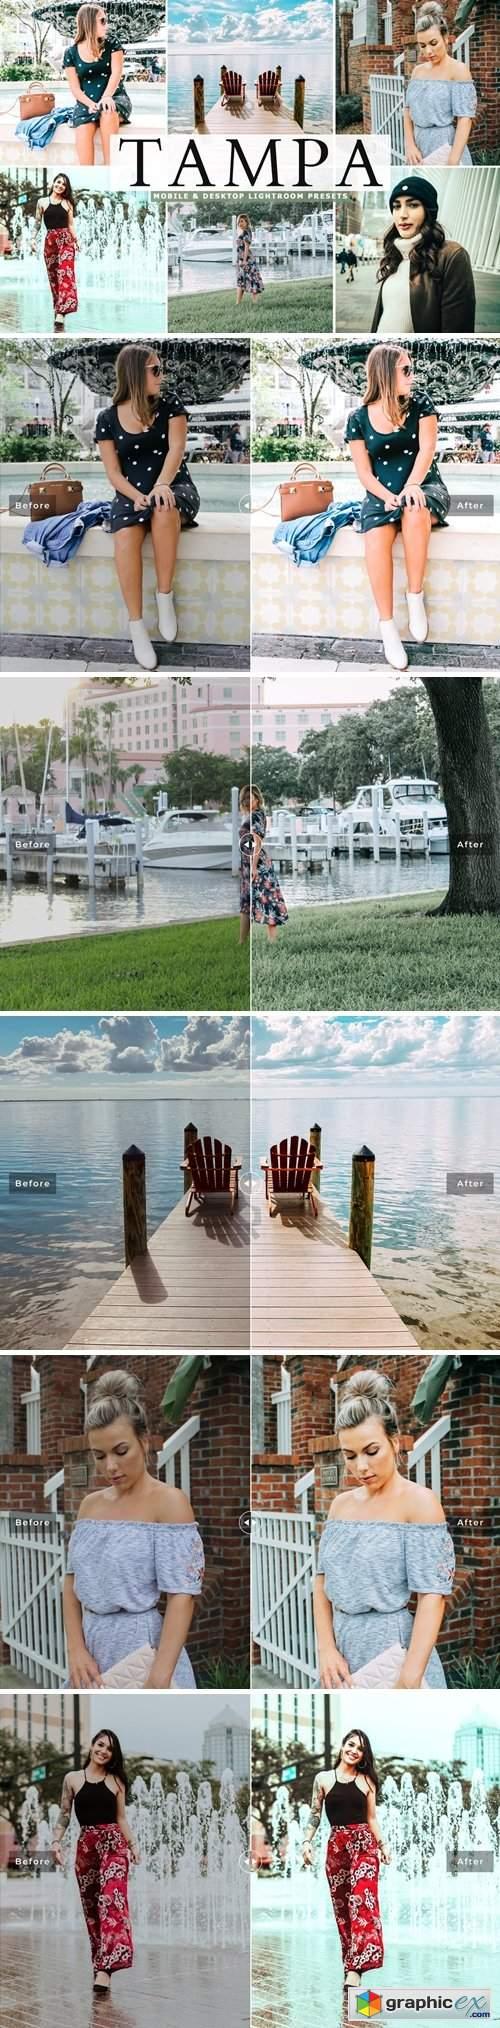 Tampa Mobile & Desktop Lightroom Presets